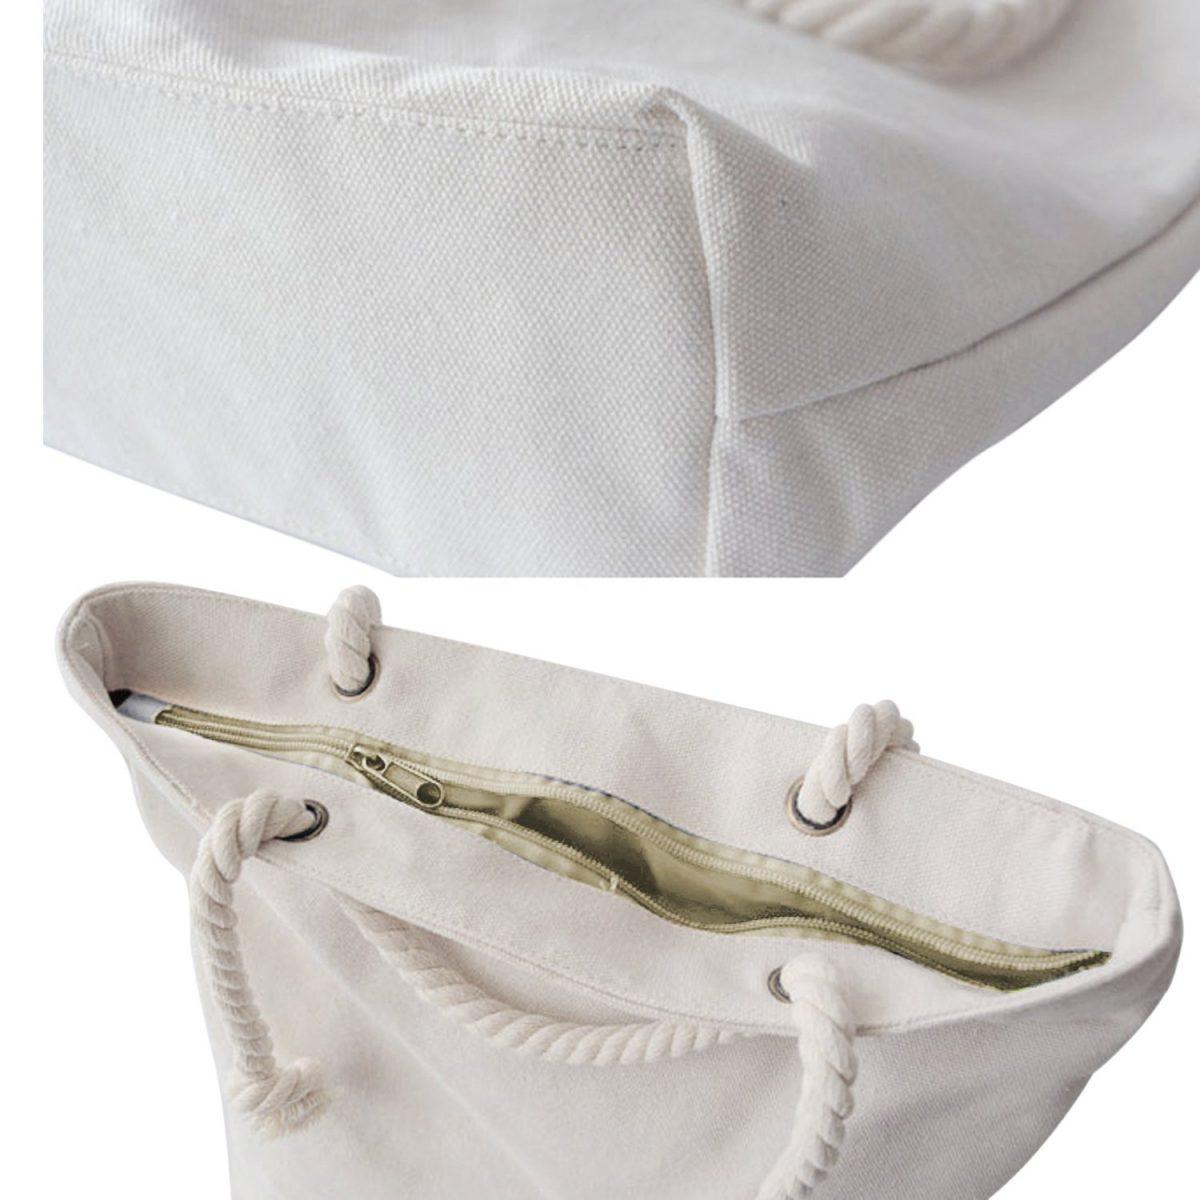 Yuvarlak Desenli Modern Dijital Baskılı Fermuarlı Modern Kumaş Çanta Realhomes